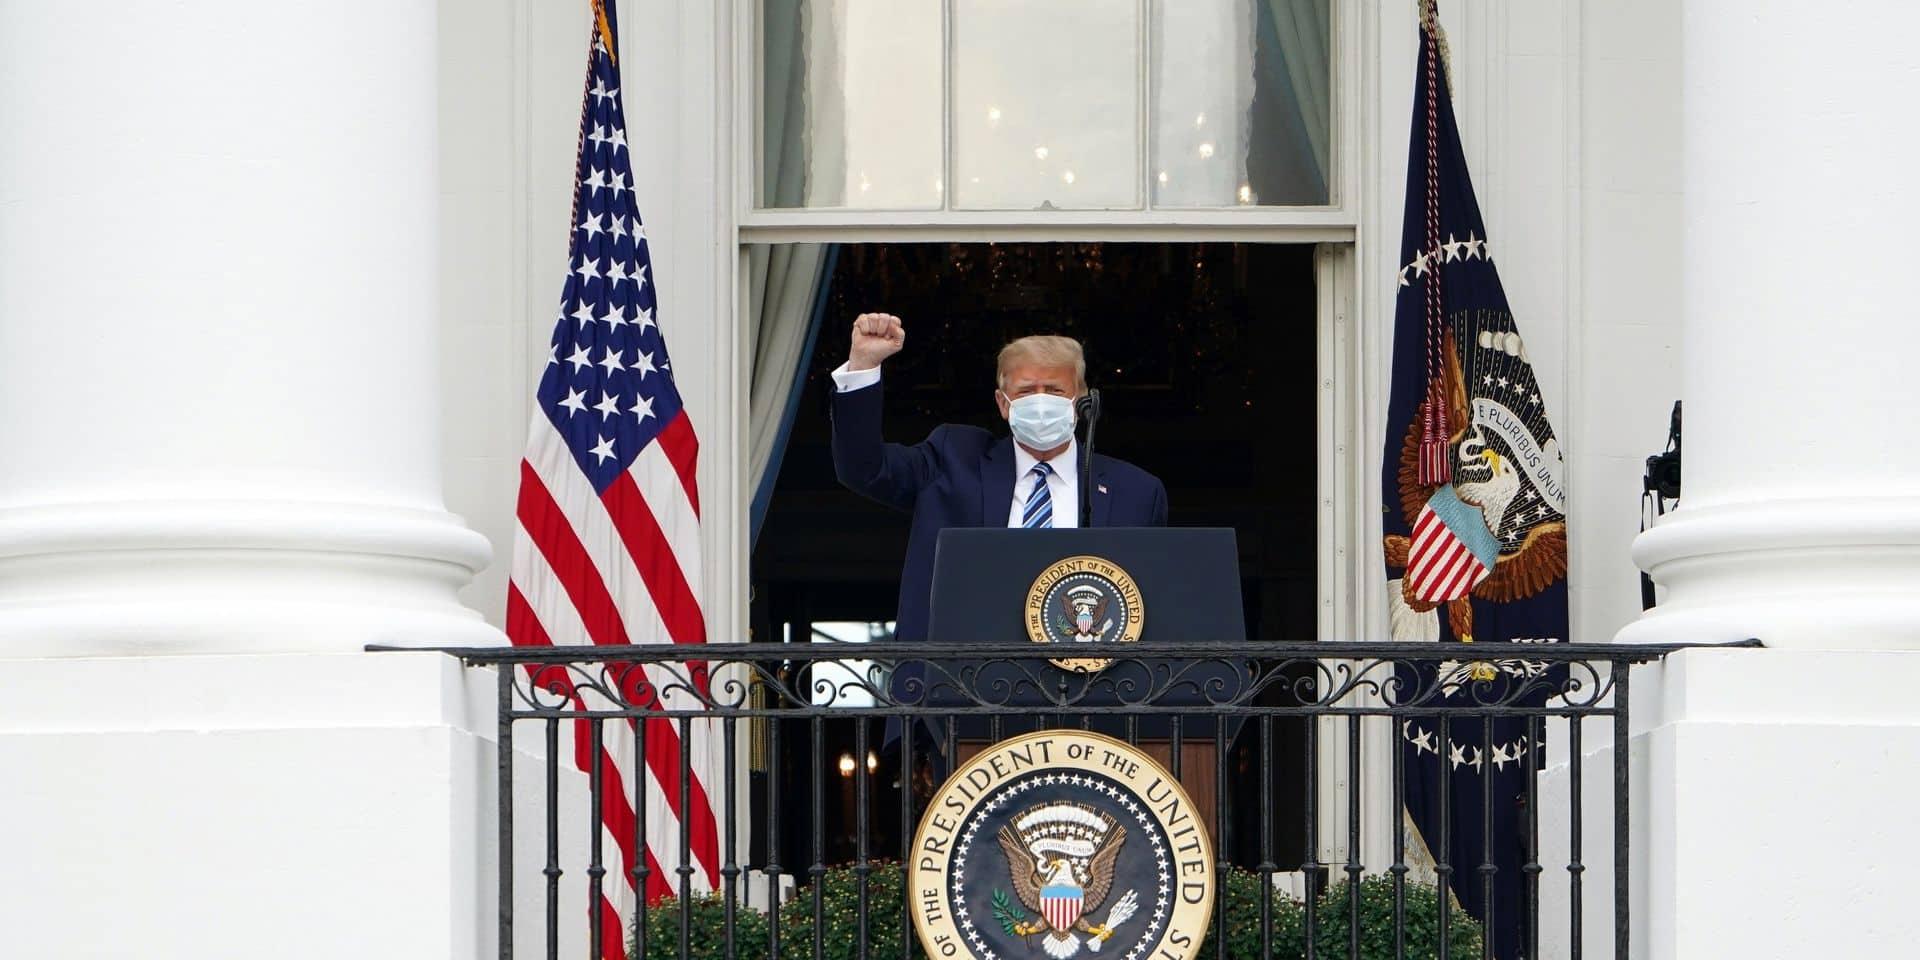 Donald Trump retrouve la foule à la Maison Blanche, avant un meeting en Floride